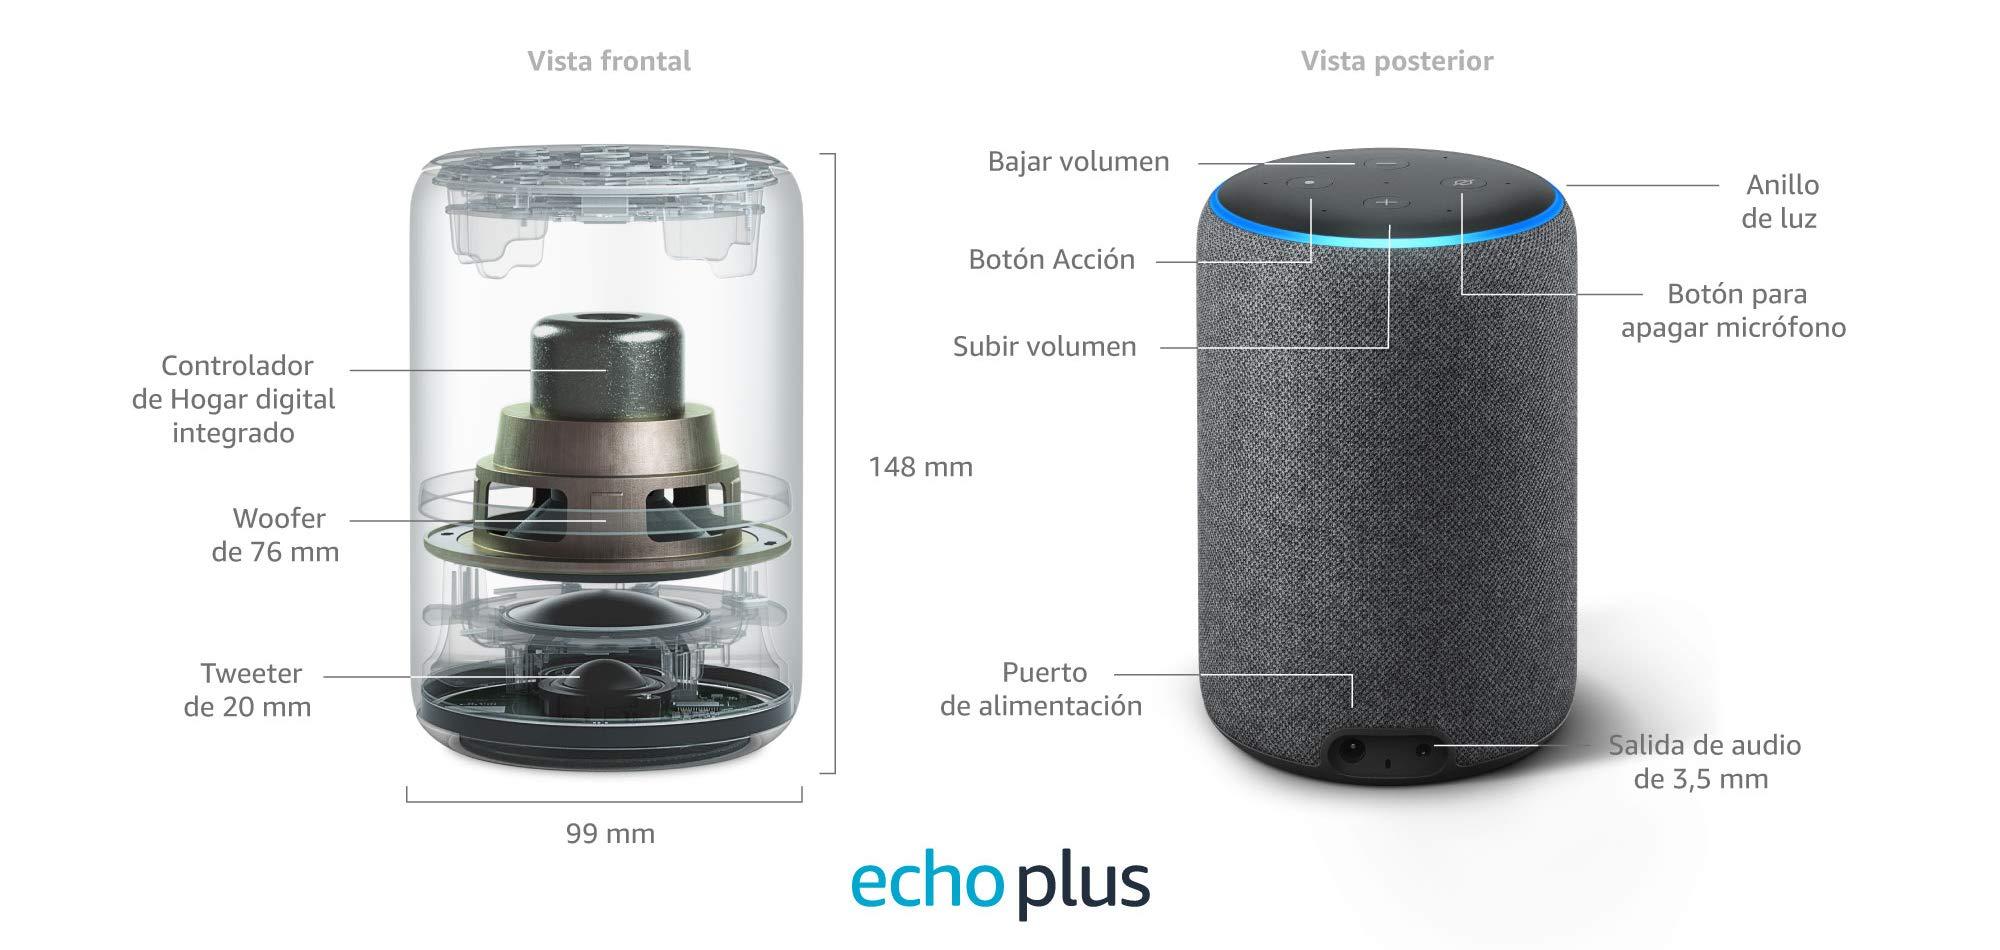 El Echo Plus tiene siete micrófonos, tecnología de formación de haces y cancelación de ruido, lo que le permite oírte sea cual sea la dirección desde la que le hablas, incluso si suena música.